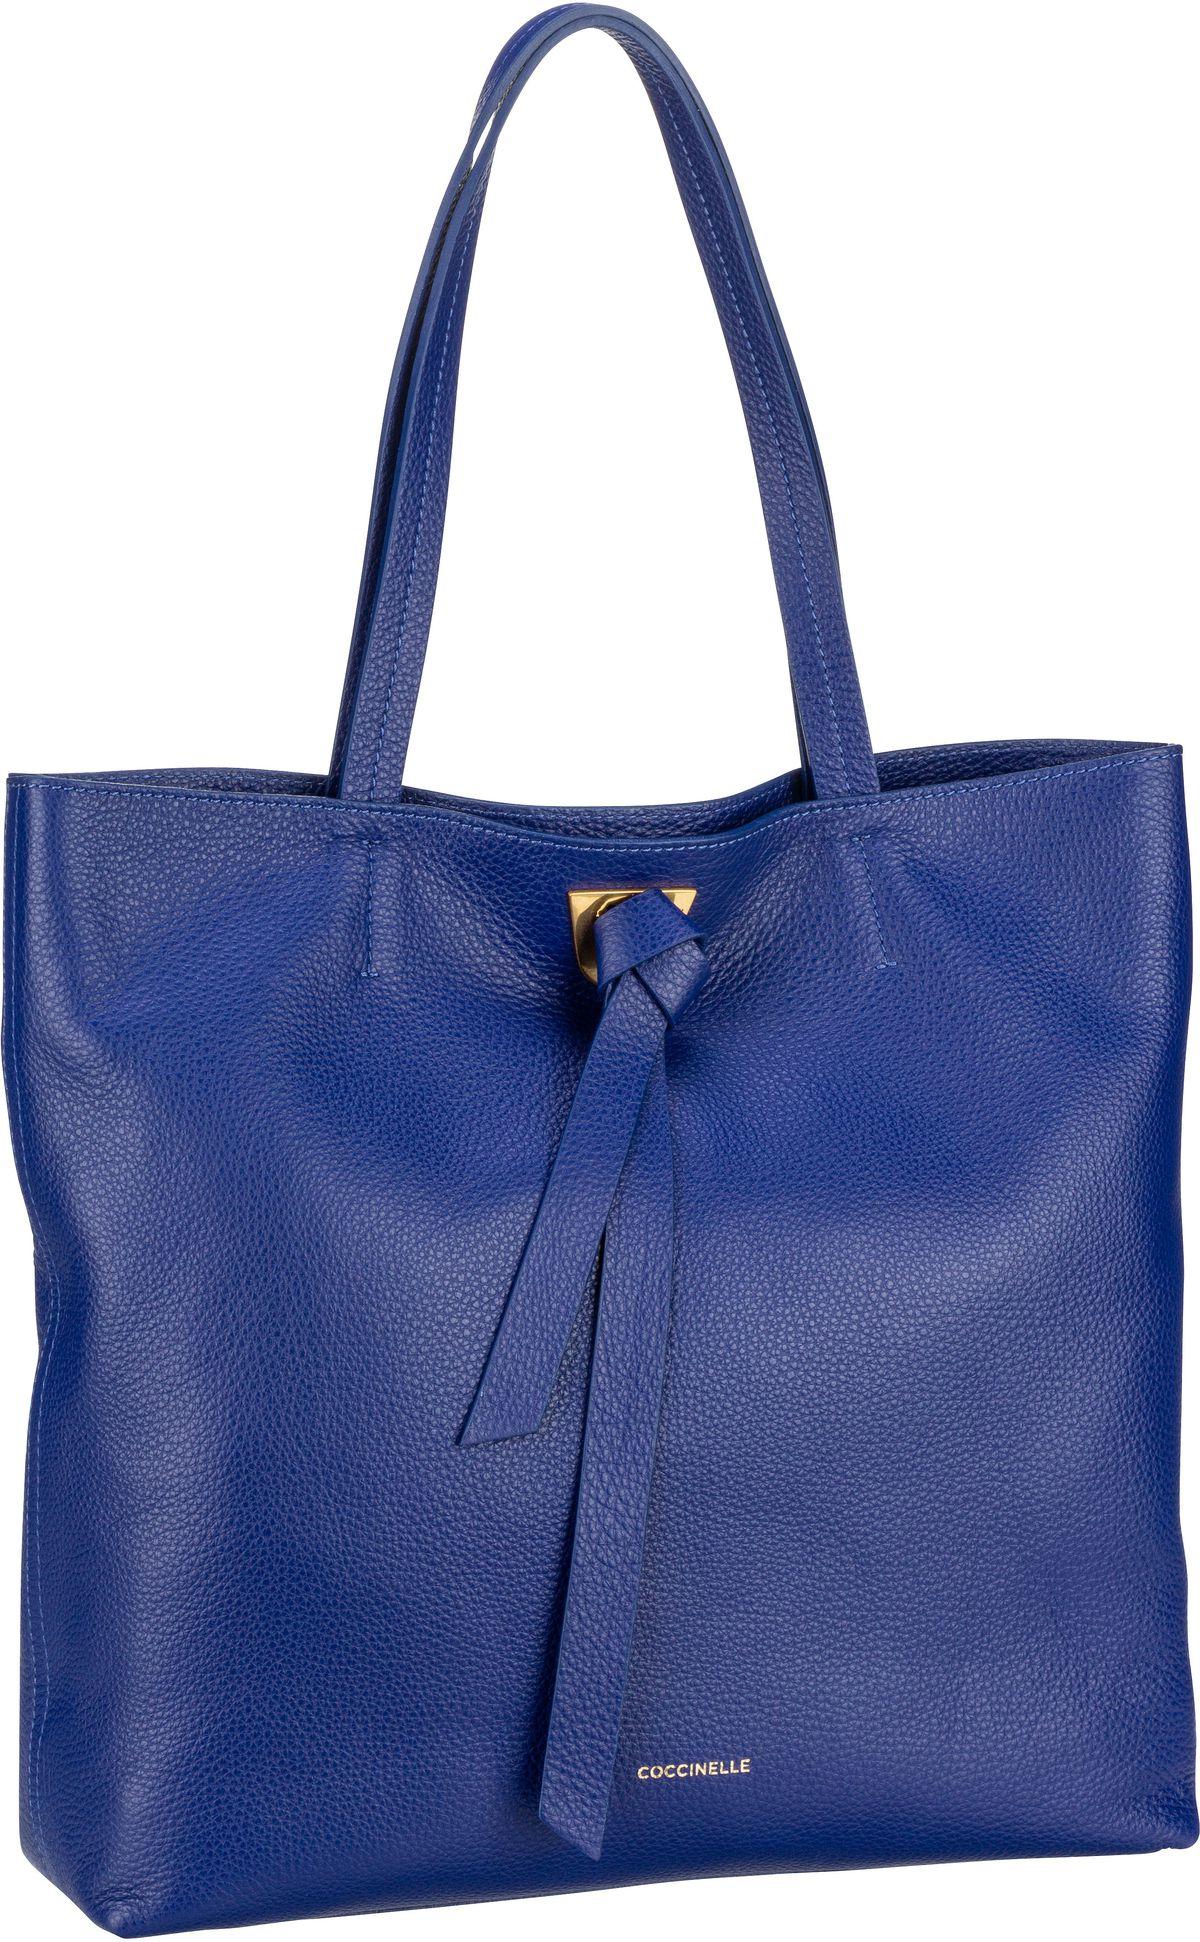 Handtasche Joy 1101 Curacao